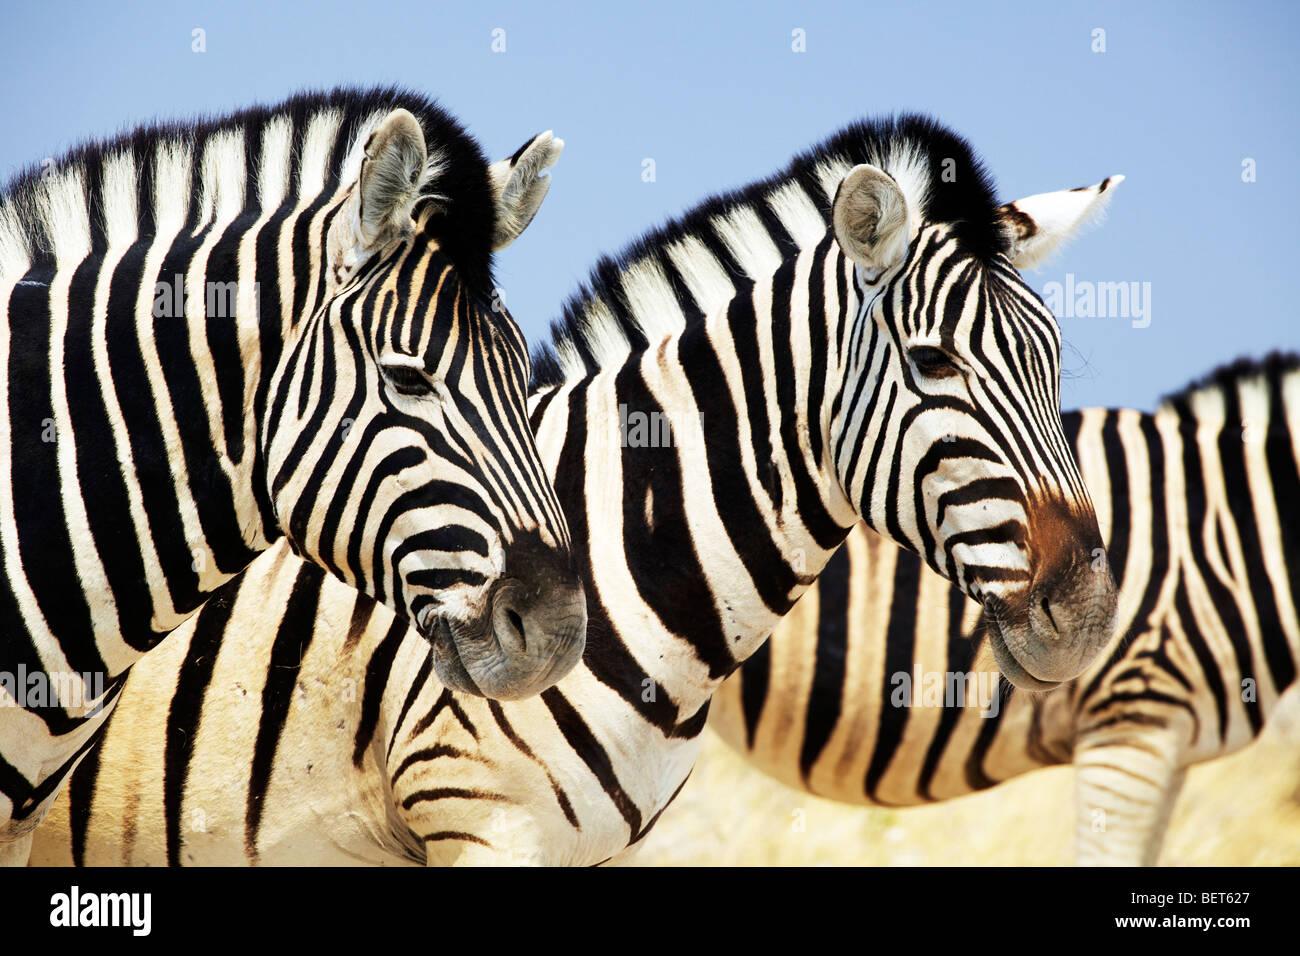 Zebras, Etosha National Park, Namibia - Stock Image